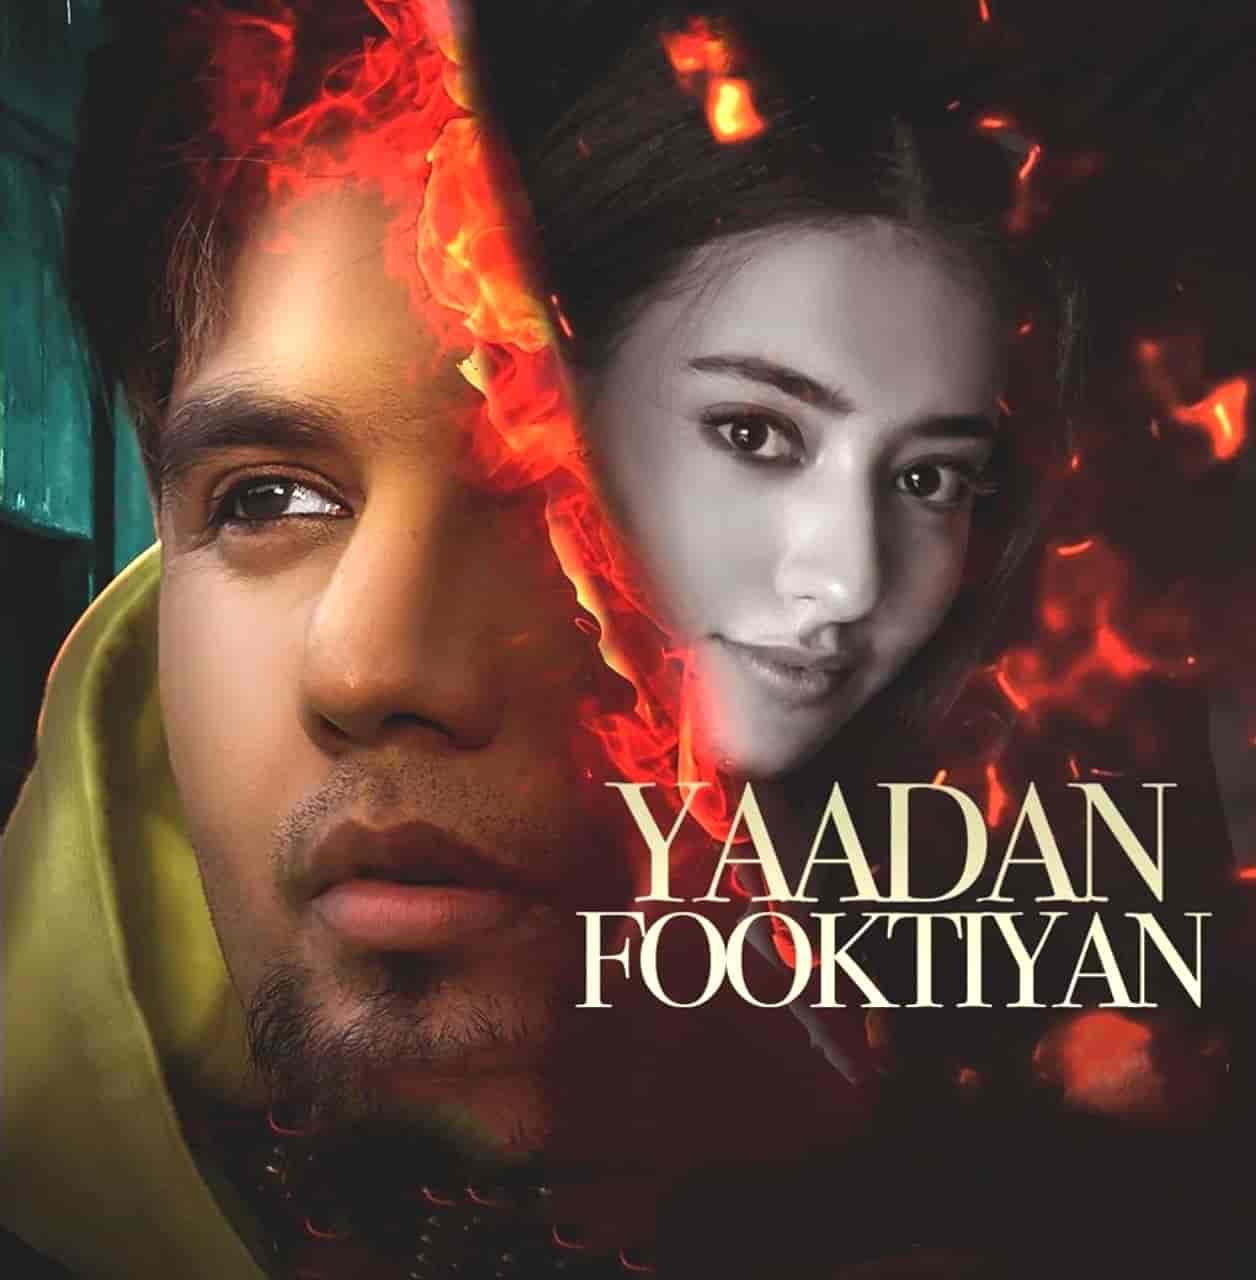 Yaadan Fooktiyan Song Image By A Kay